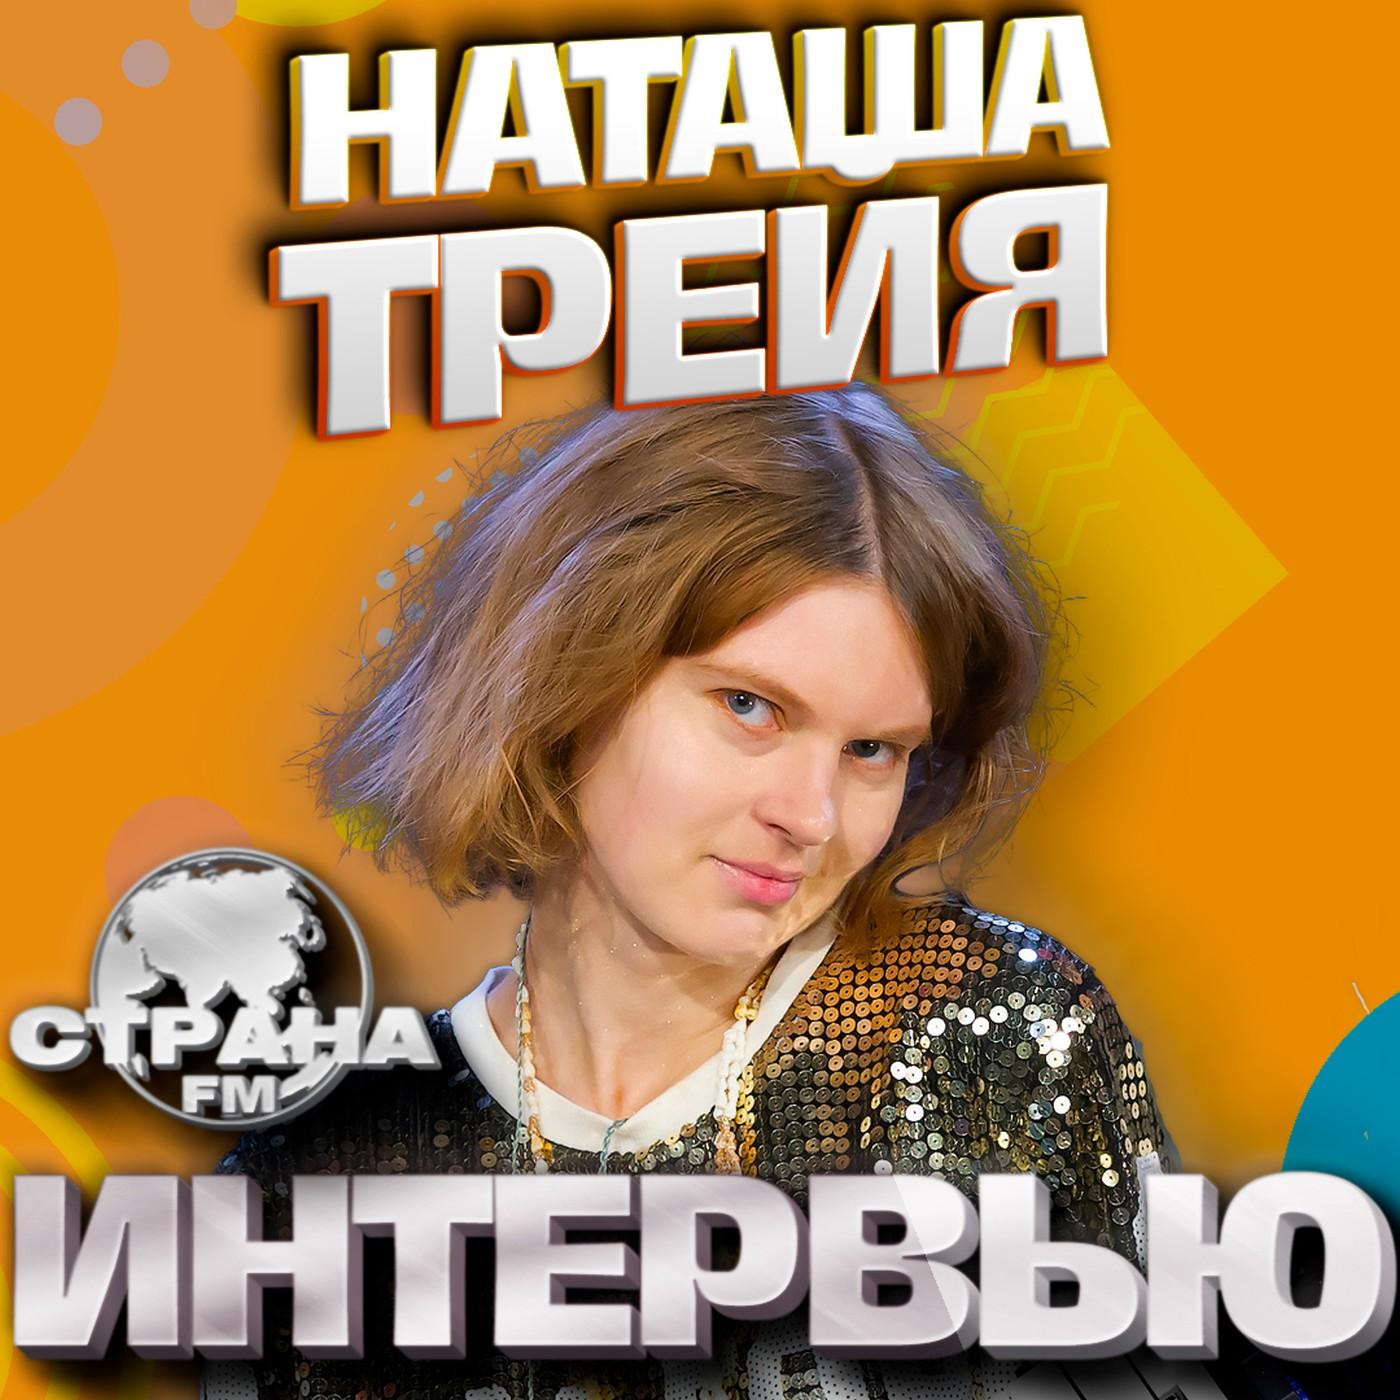 Наталья Трейя (Treya). Эксклюзивное интервью. Страна FM